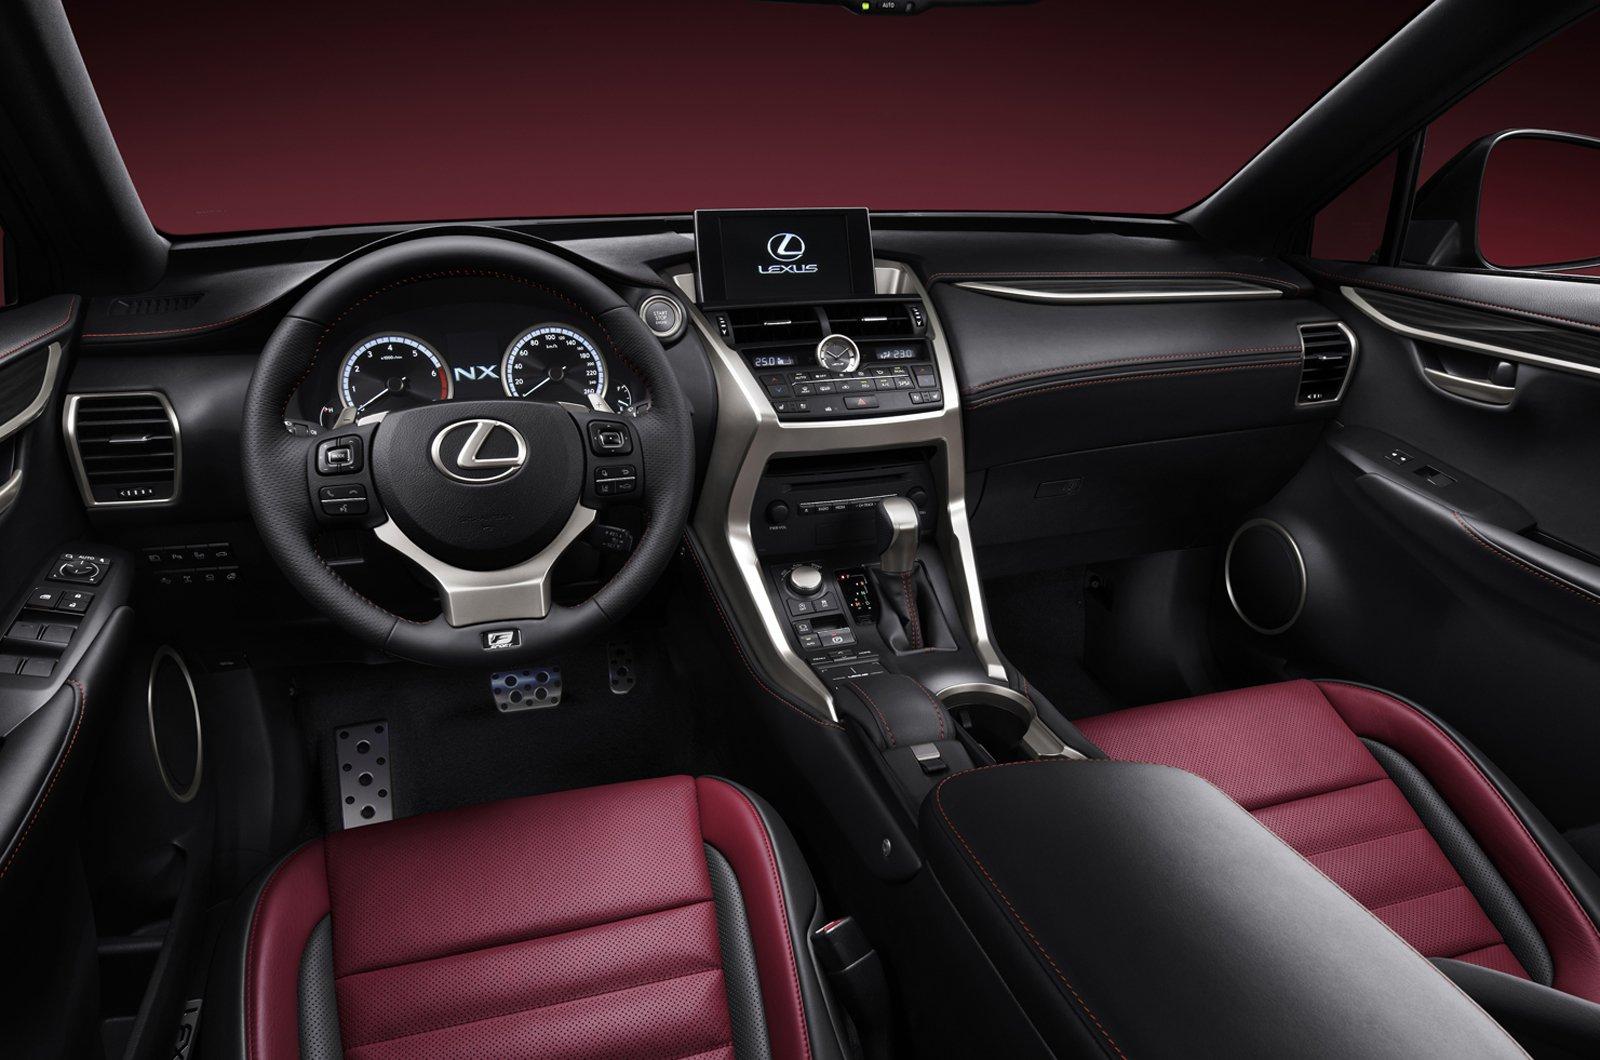 2016 Lexus Rx Новый 2016 lexus nx компактный